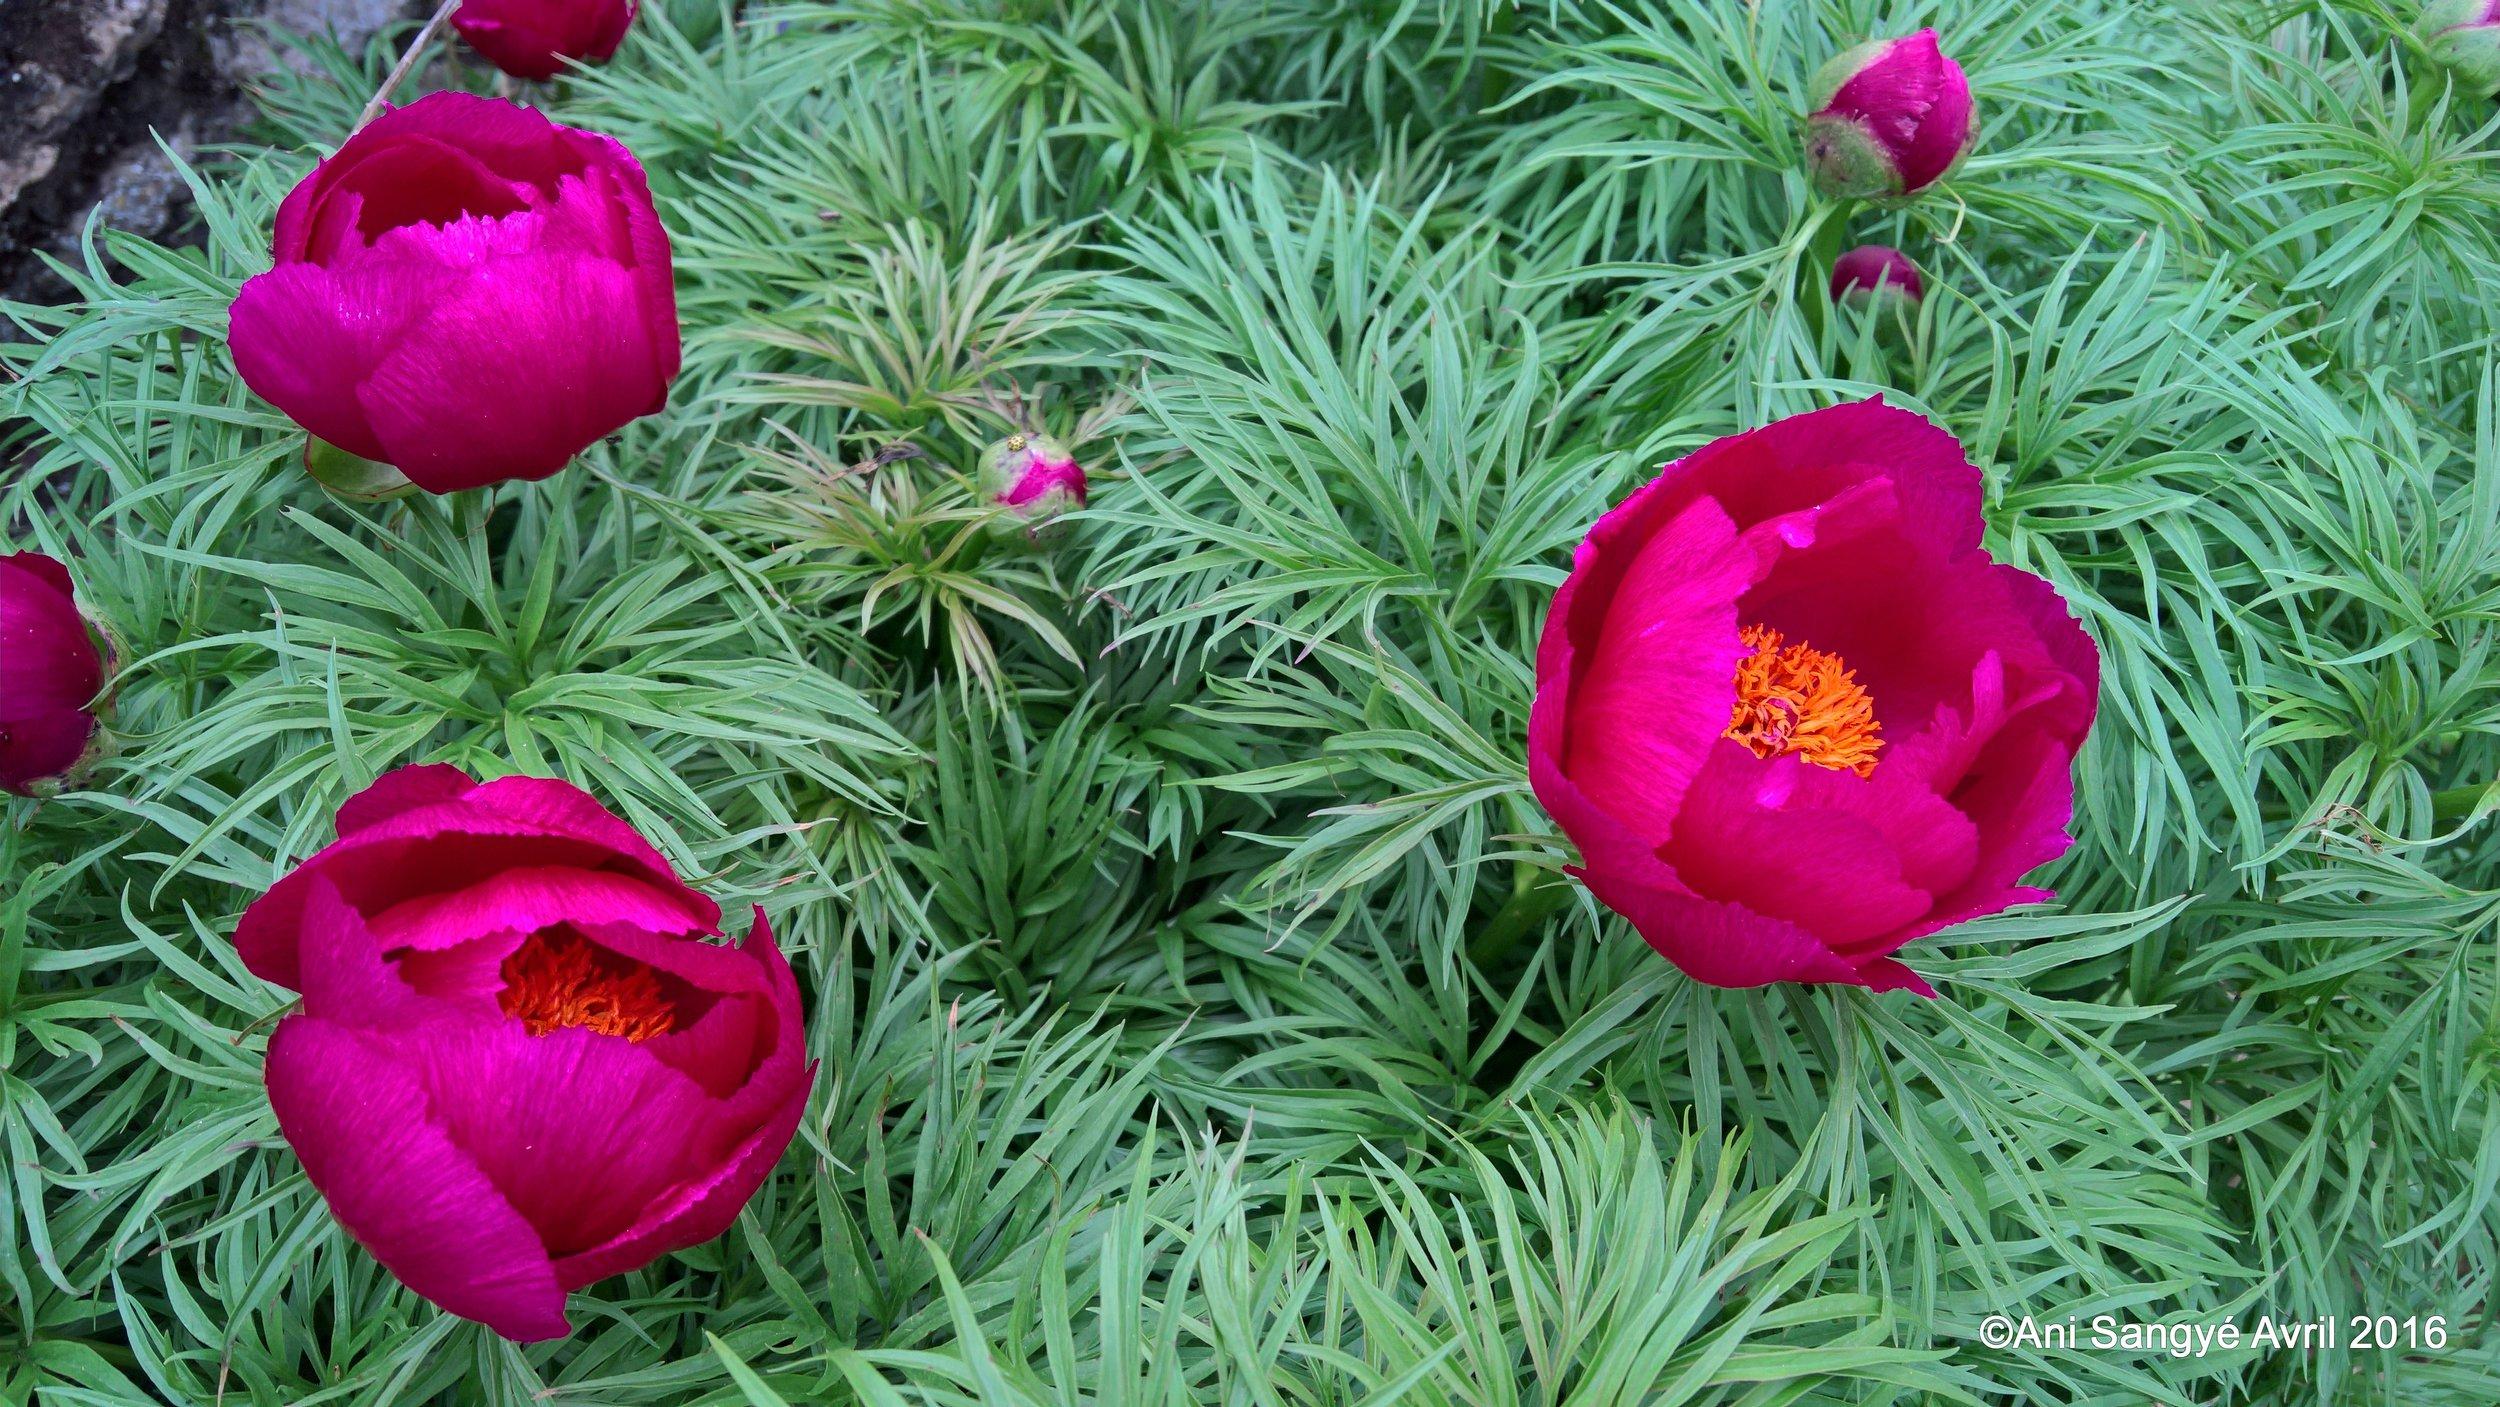 Paeonia simplicifolia